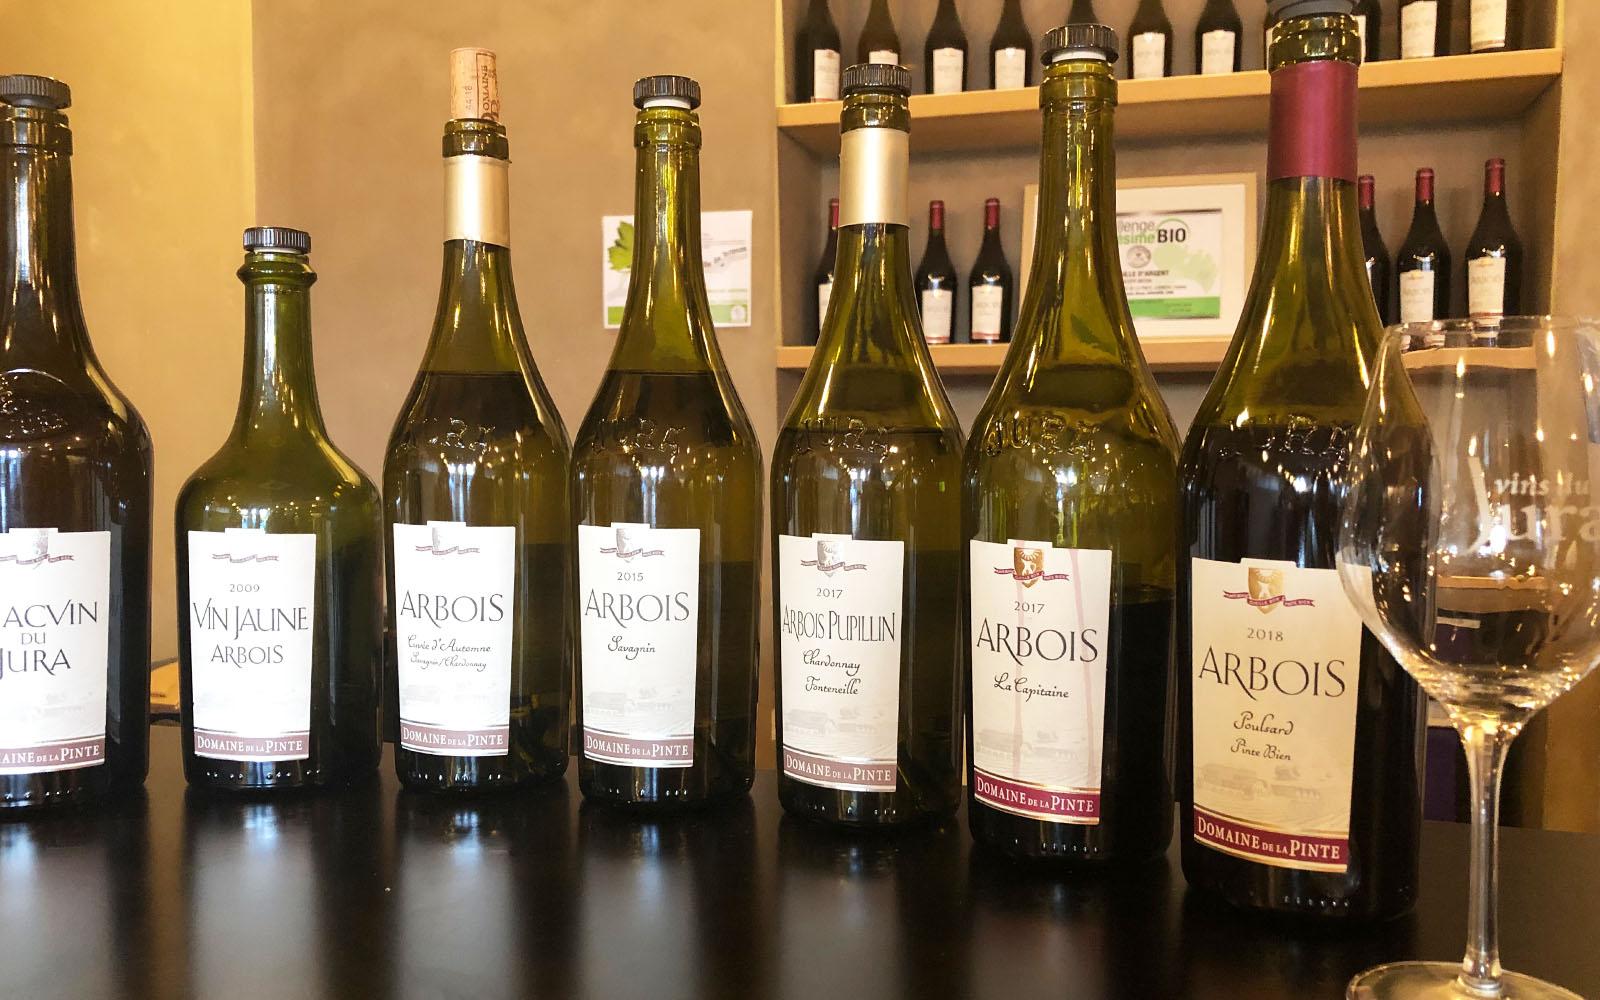 Degustazione di vini al Domaine La Pinte, nel Jura.